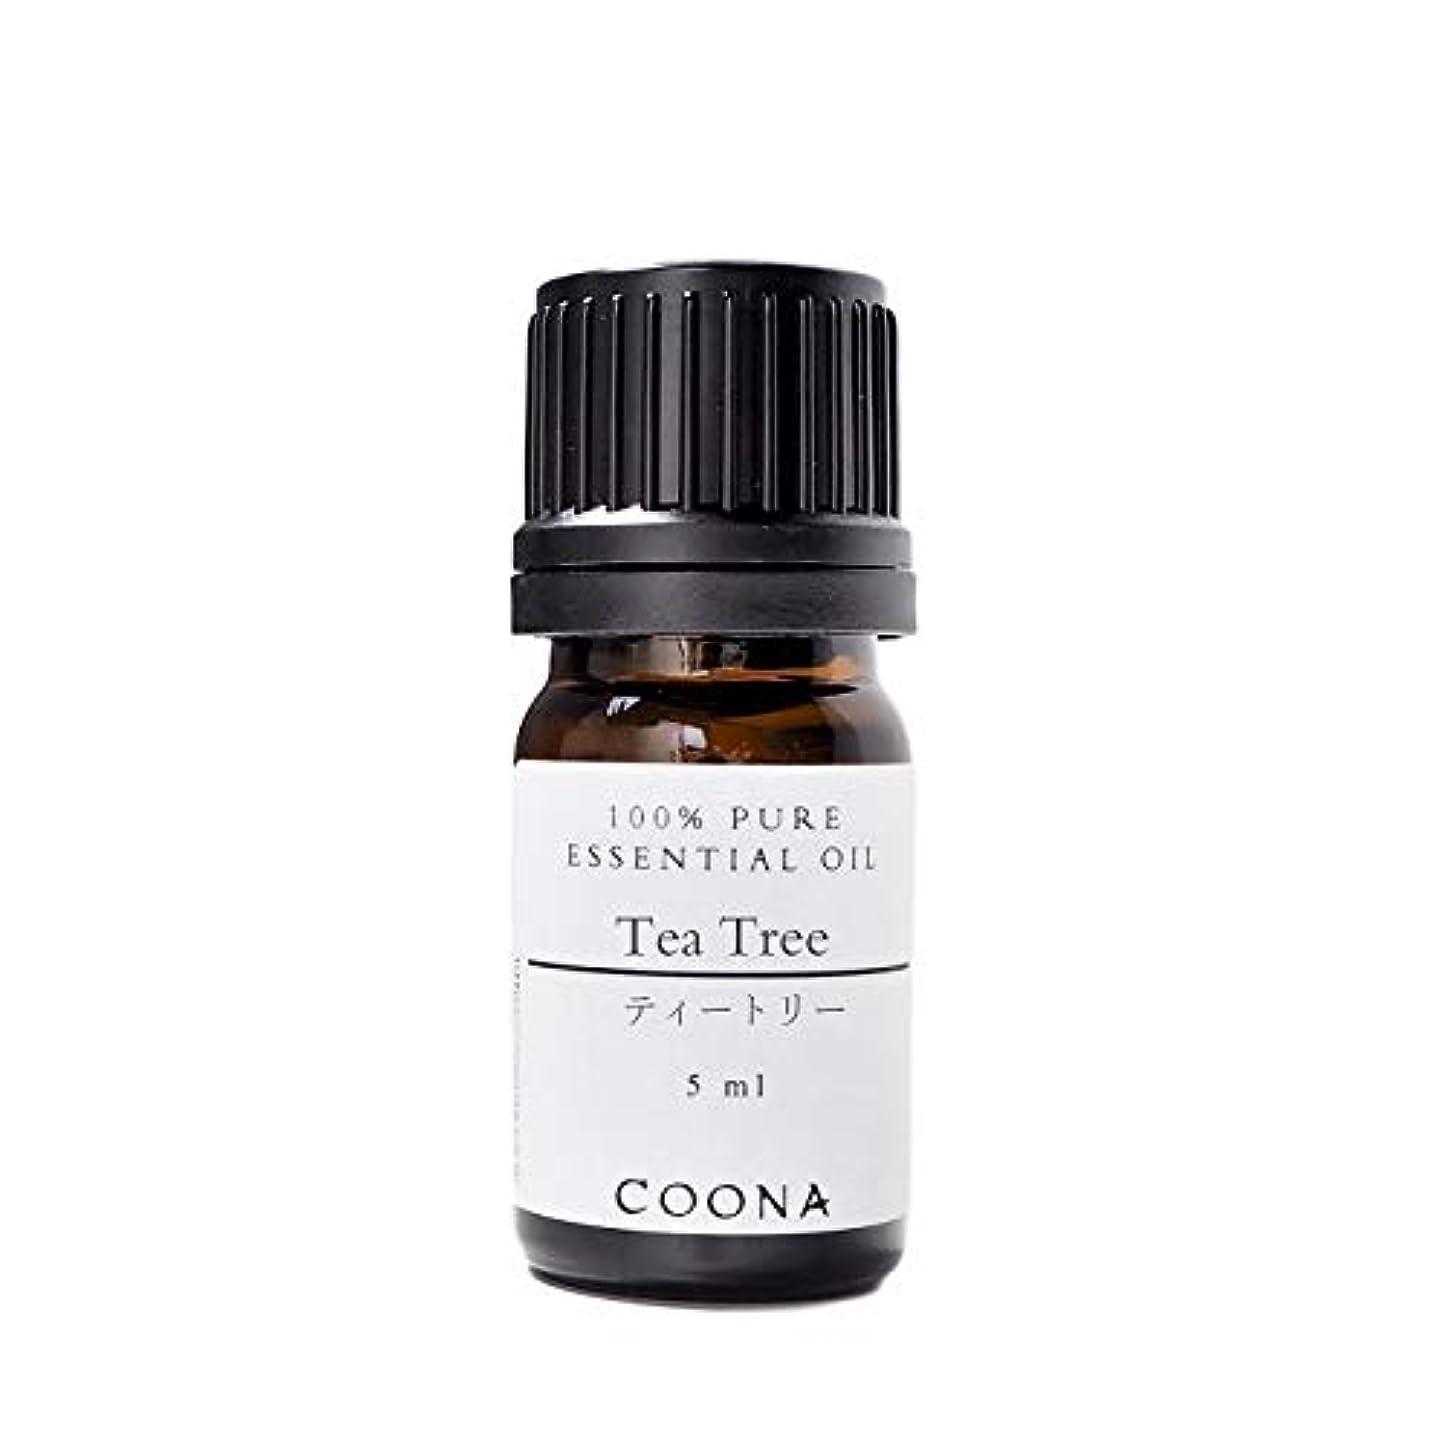 ティートリー 5 ml (COONA エッセンシャルオイル アロマオイル 100%天然植物精油)